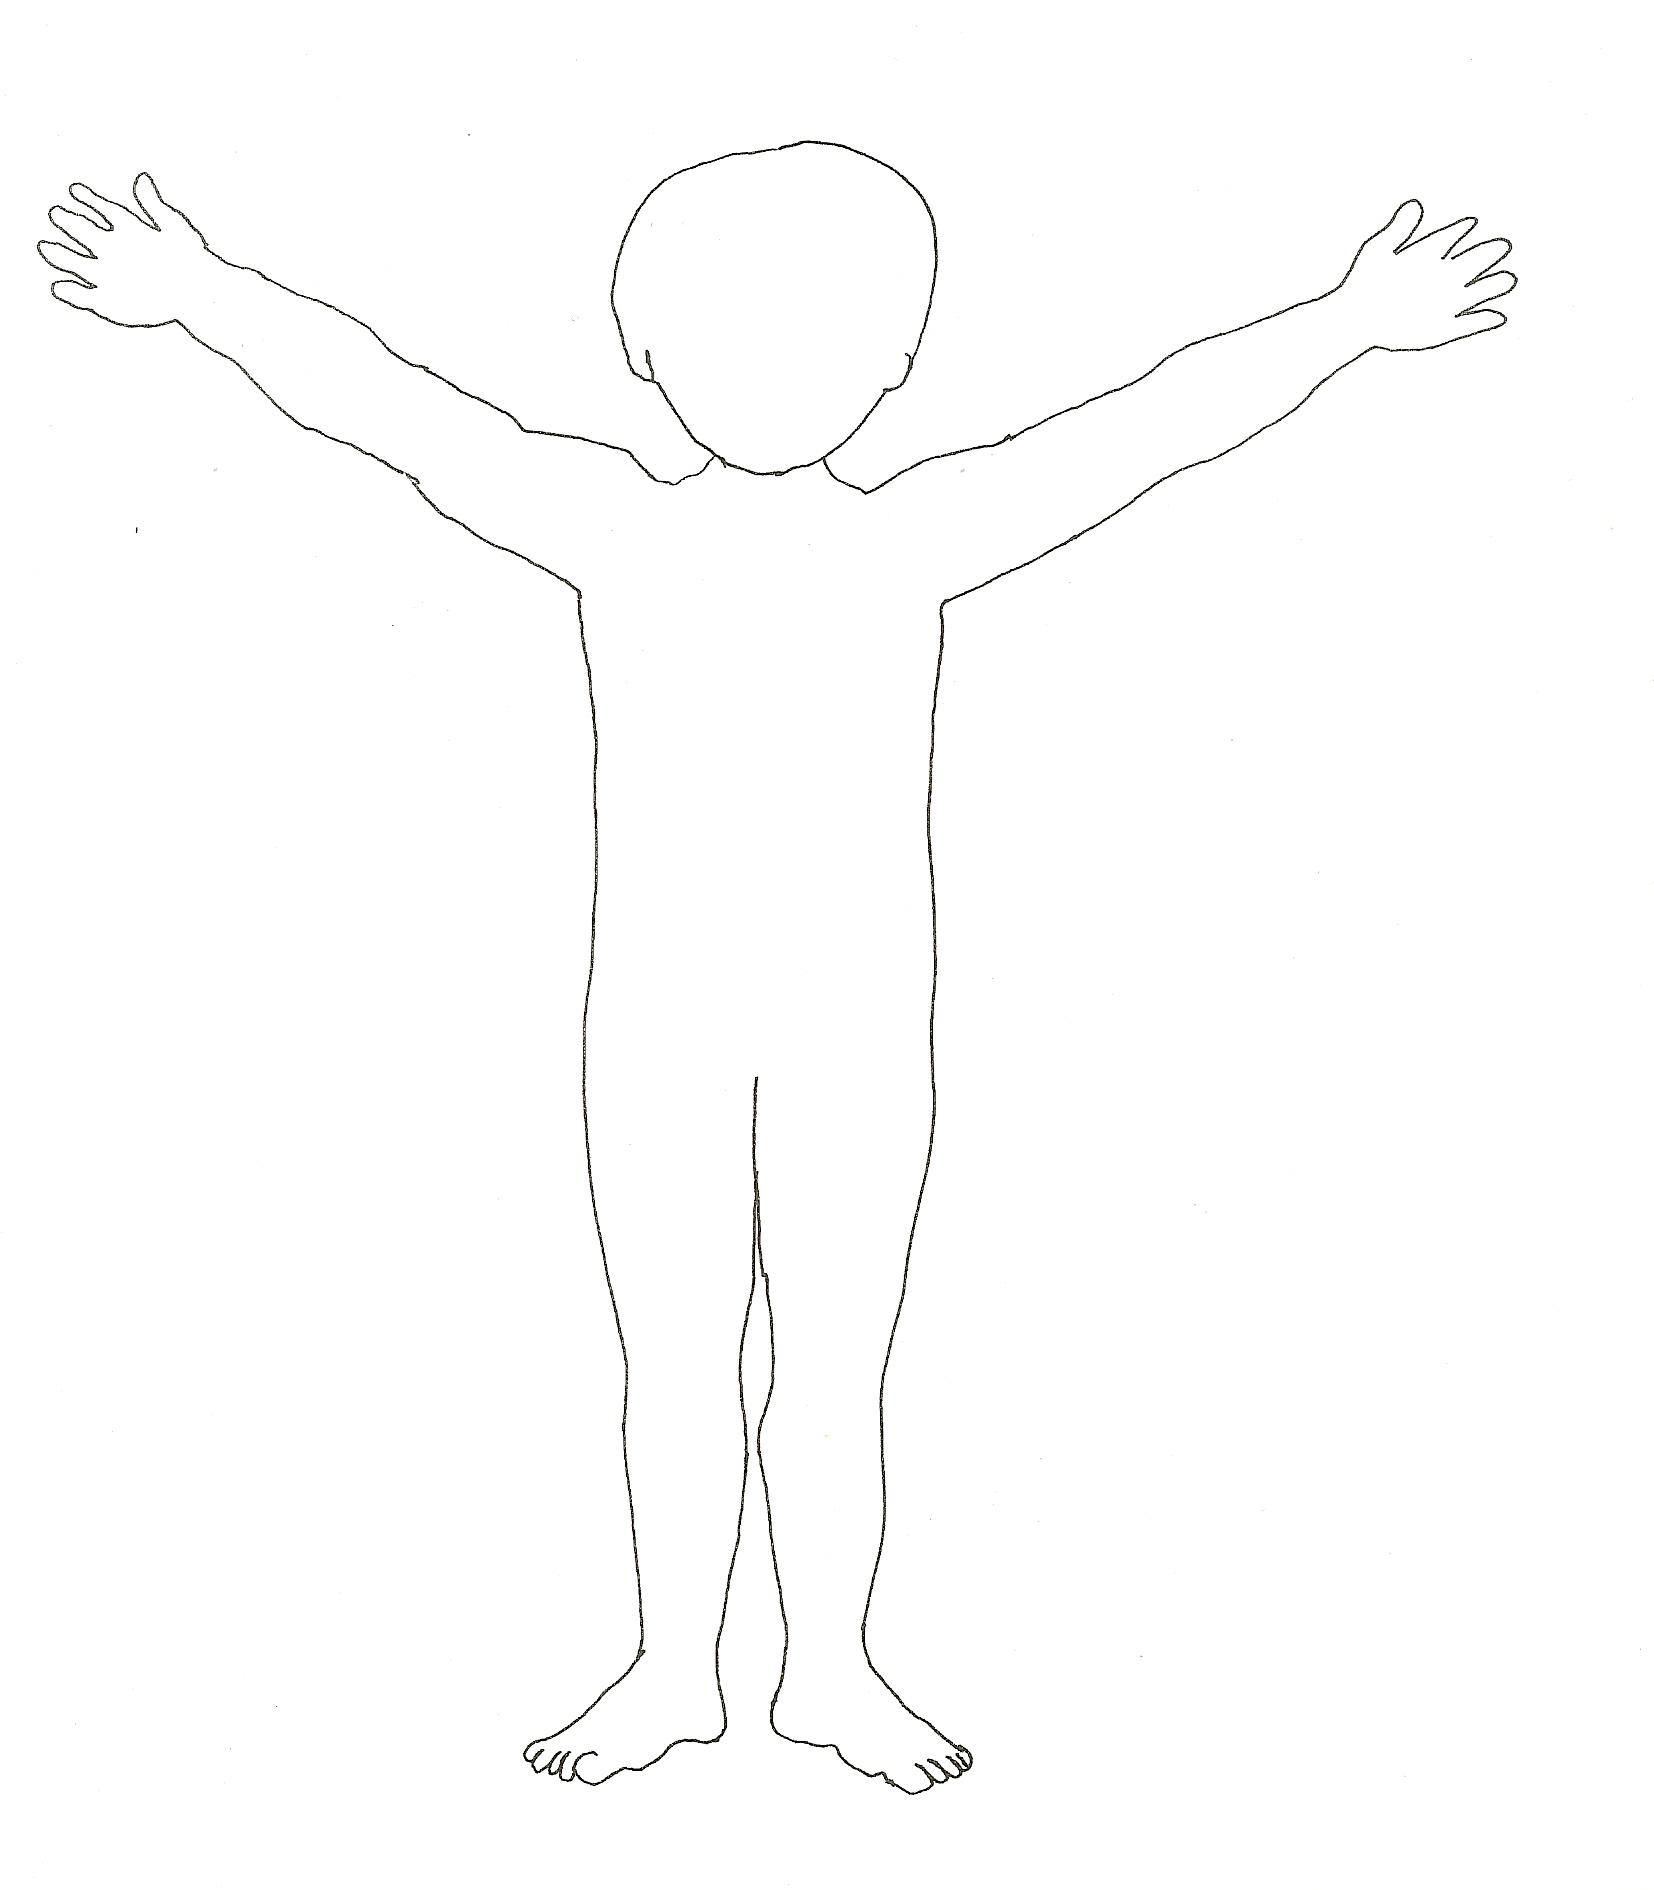 Mein Körper Zum Ausmalen - Vorlagen zum Ausmalen gratis